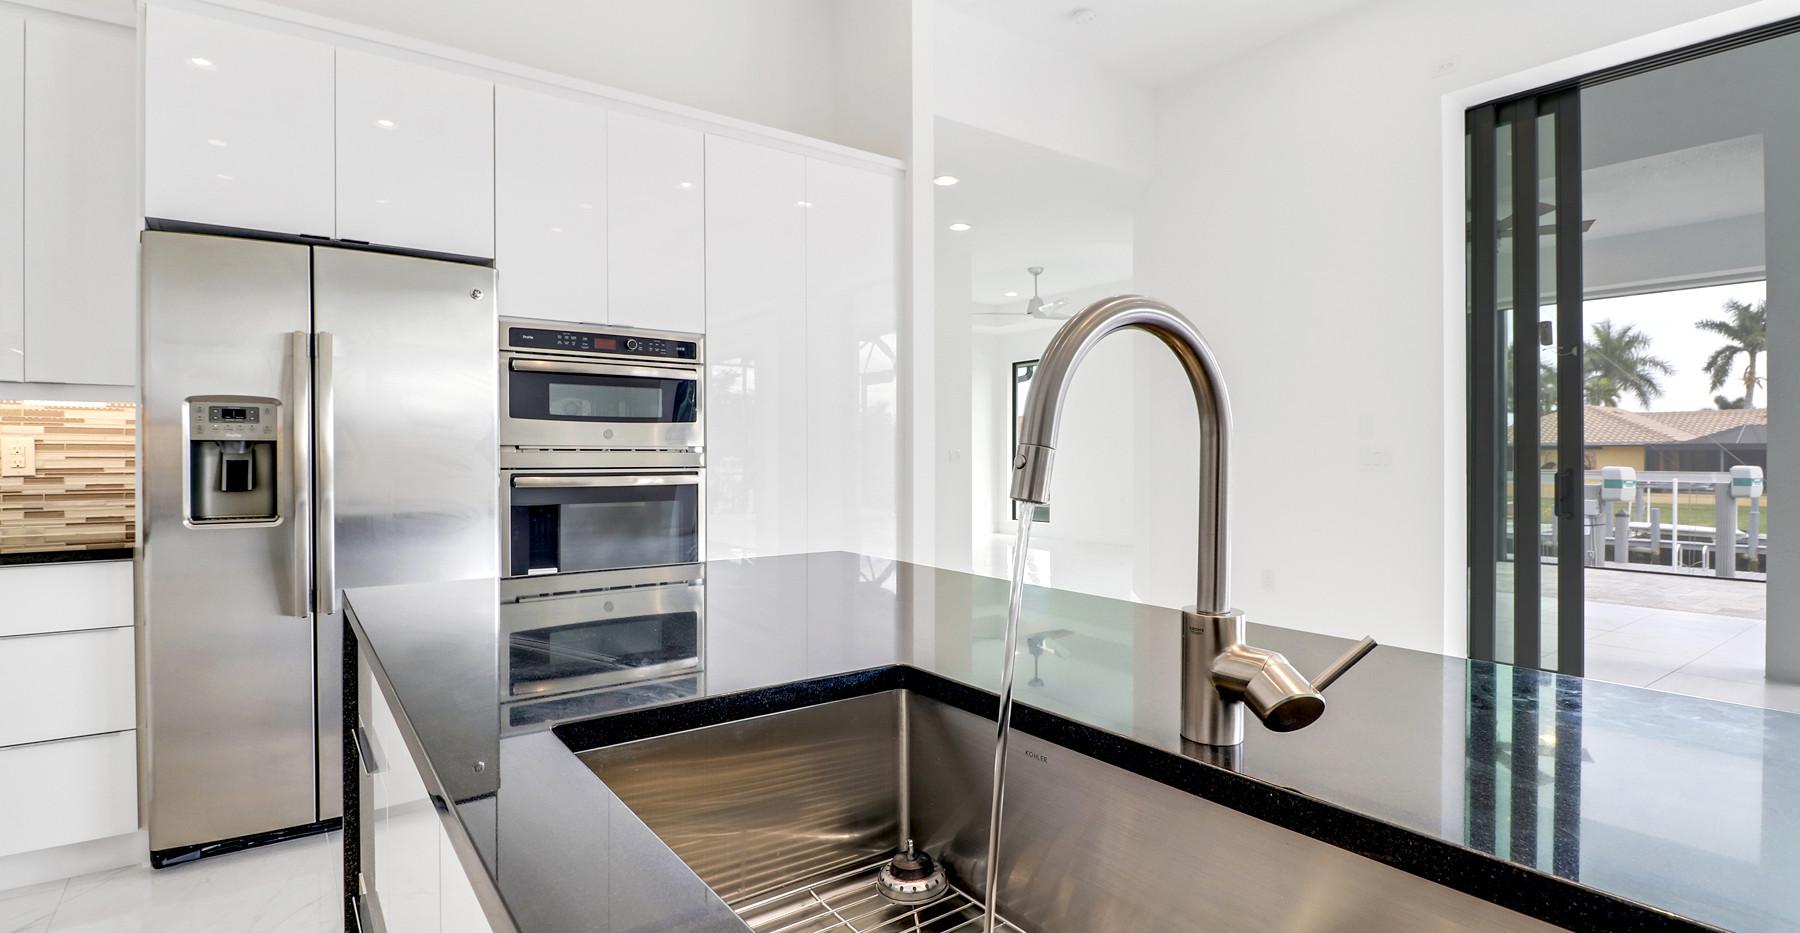 Jamaica Court home in Marco island Interior Kitchen sink and fridge